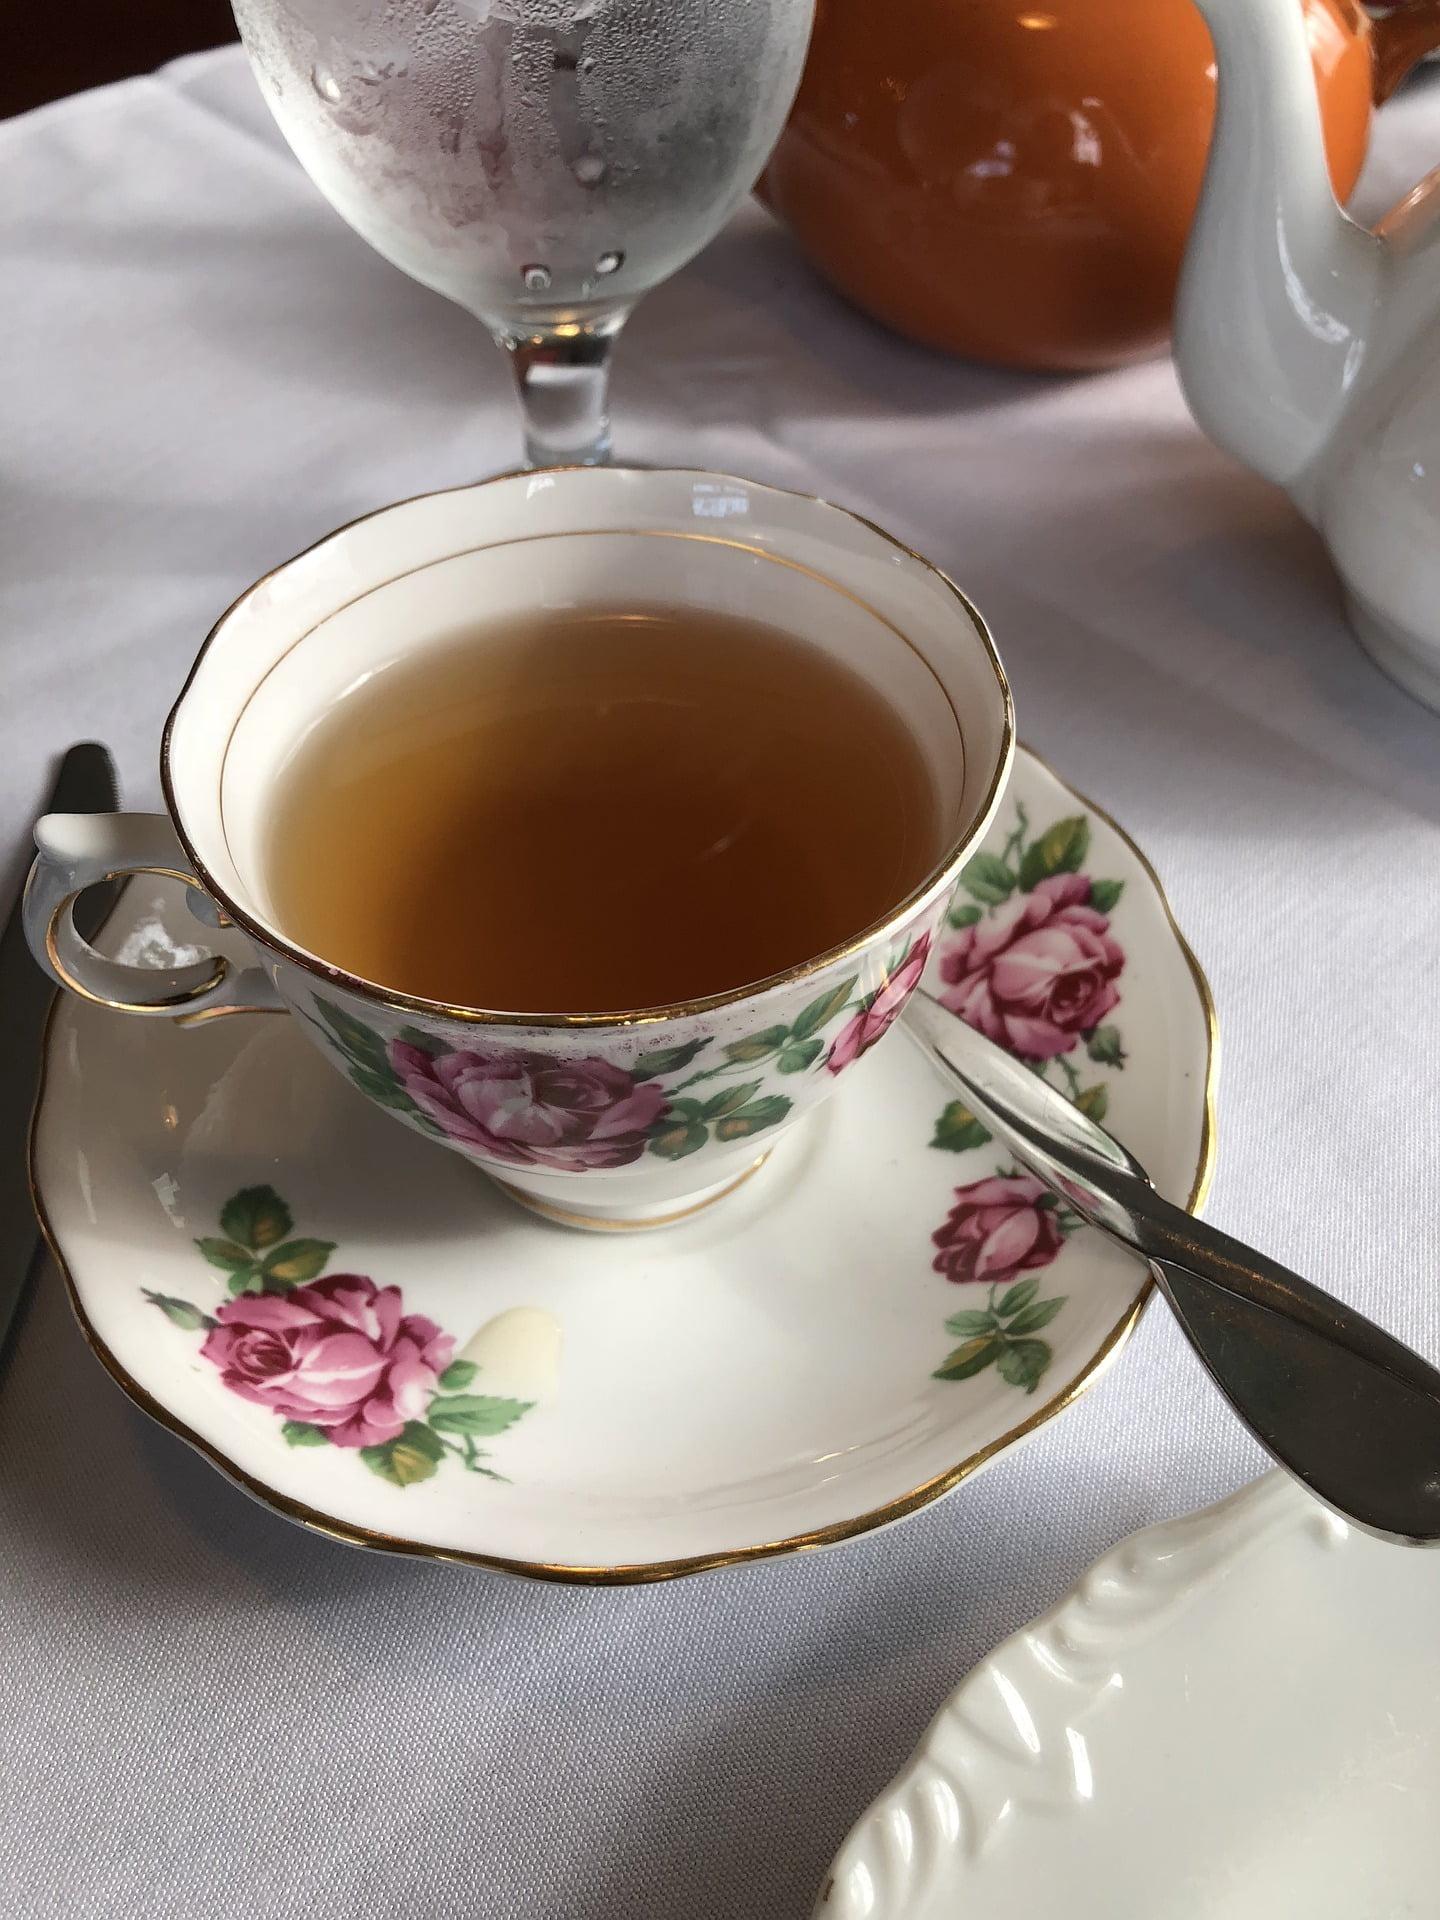 cele mai bune ierburi pentru ceaiul de pierdere în greutate)